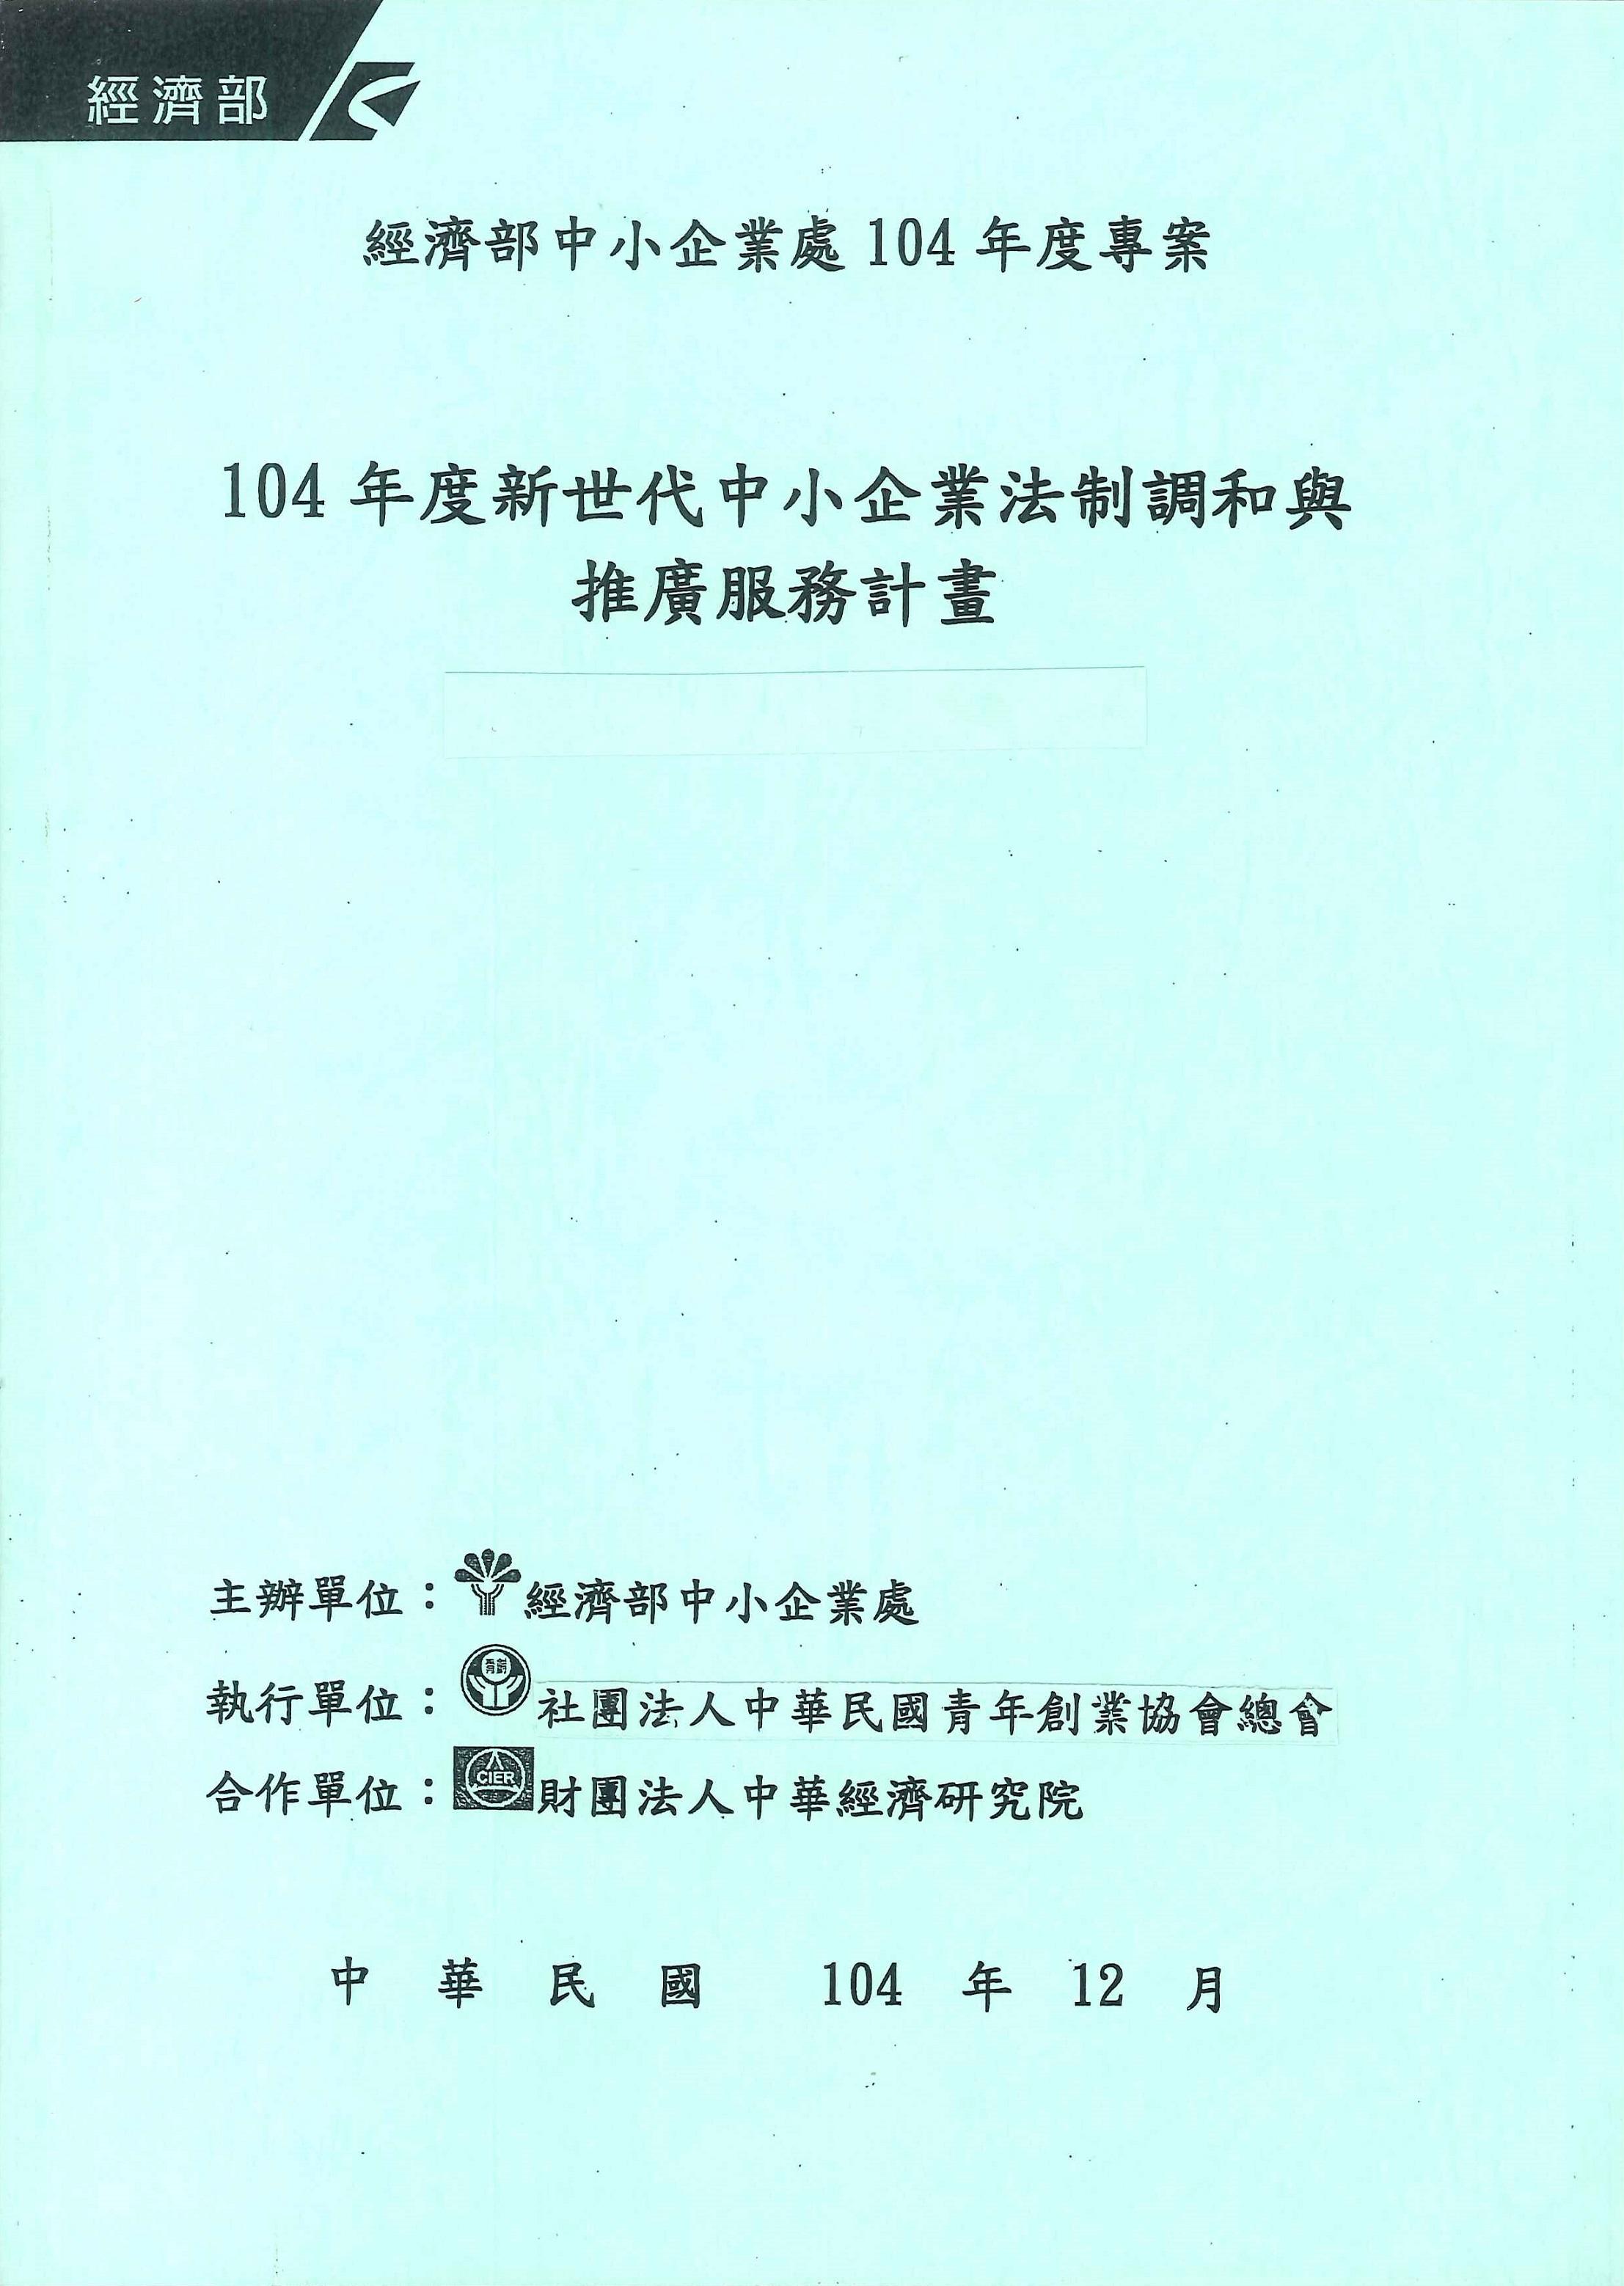 104年度新世代中小企業法制調和與推廣服務計畫:期末報告